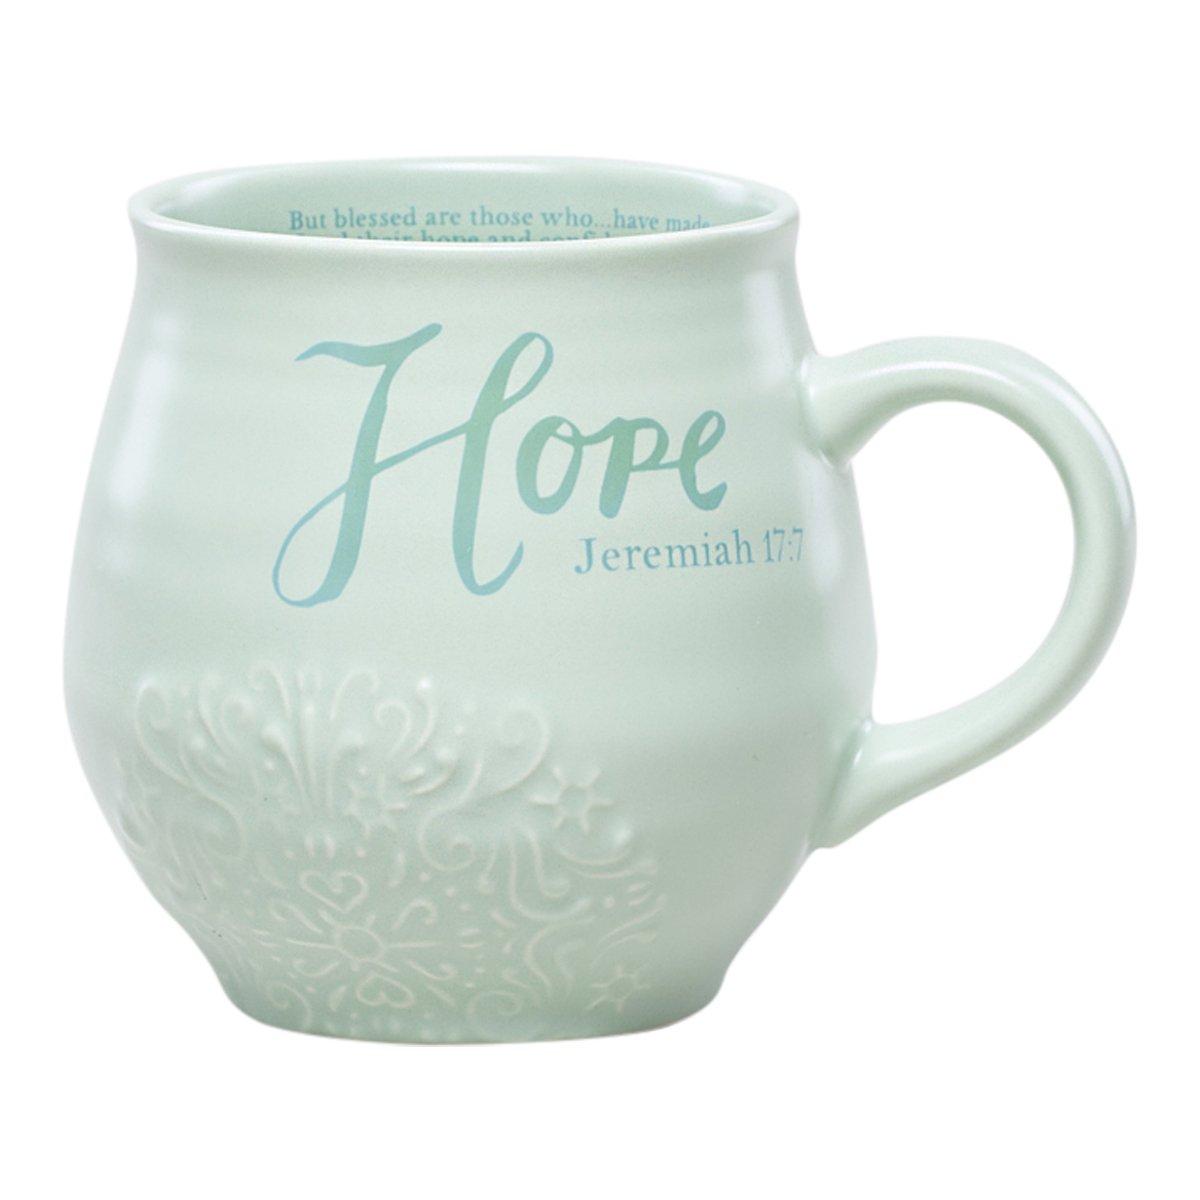 Stoneware Mug - Hope - Jeremiah 17:7 DaySpring Company 68730